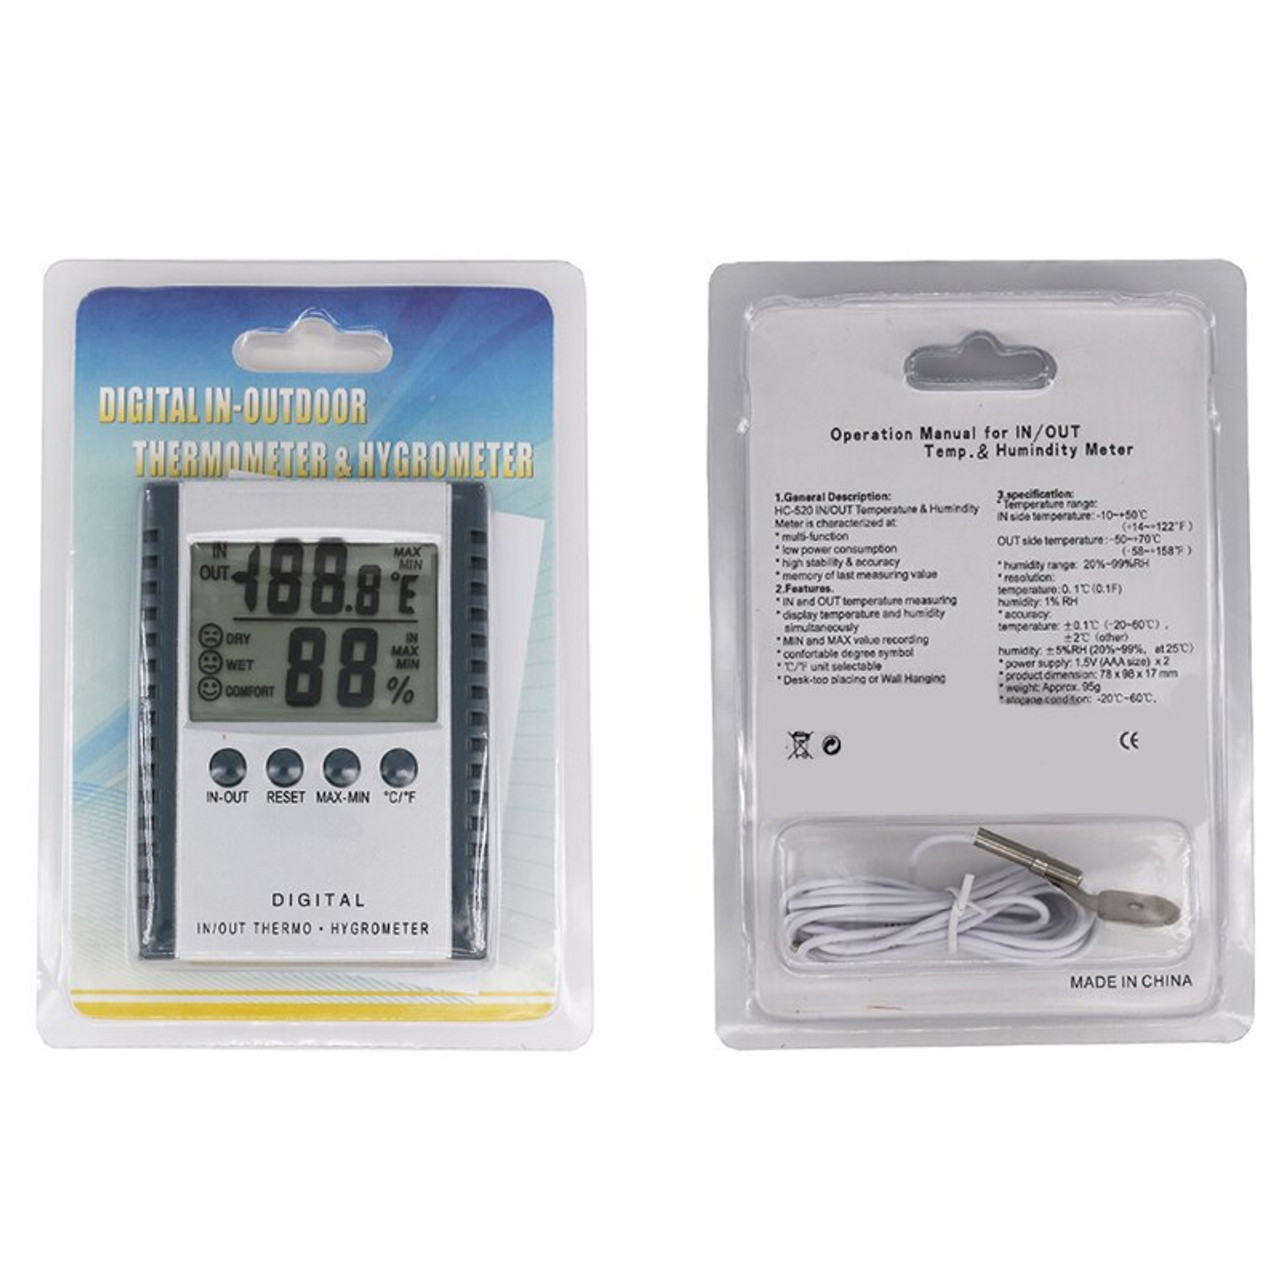 Digital Thermometer / Hygrometer (Indoor - Outdoor)